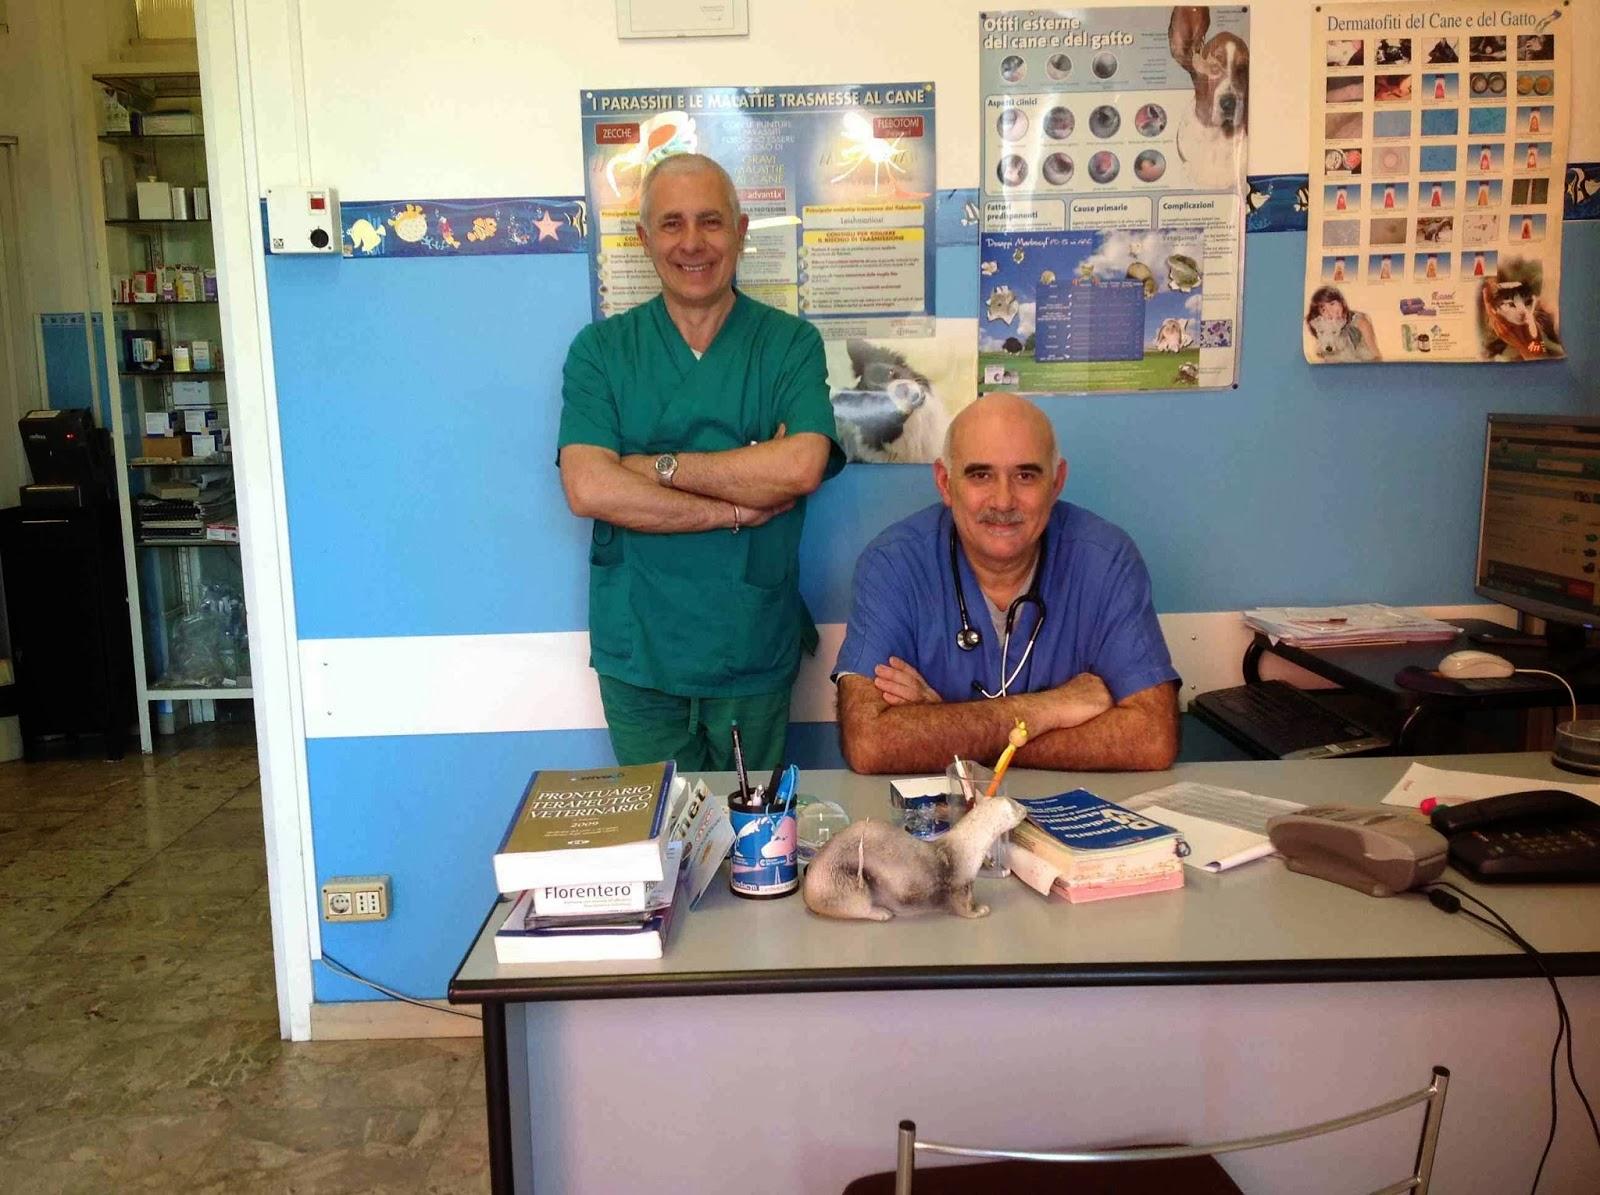 Amici A 4 Zampe E Non Solo Il Veterinario Consiglia